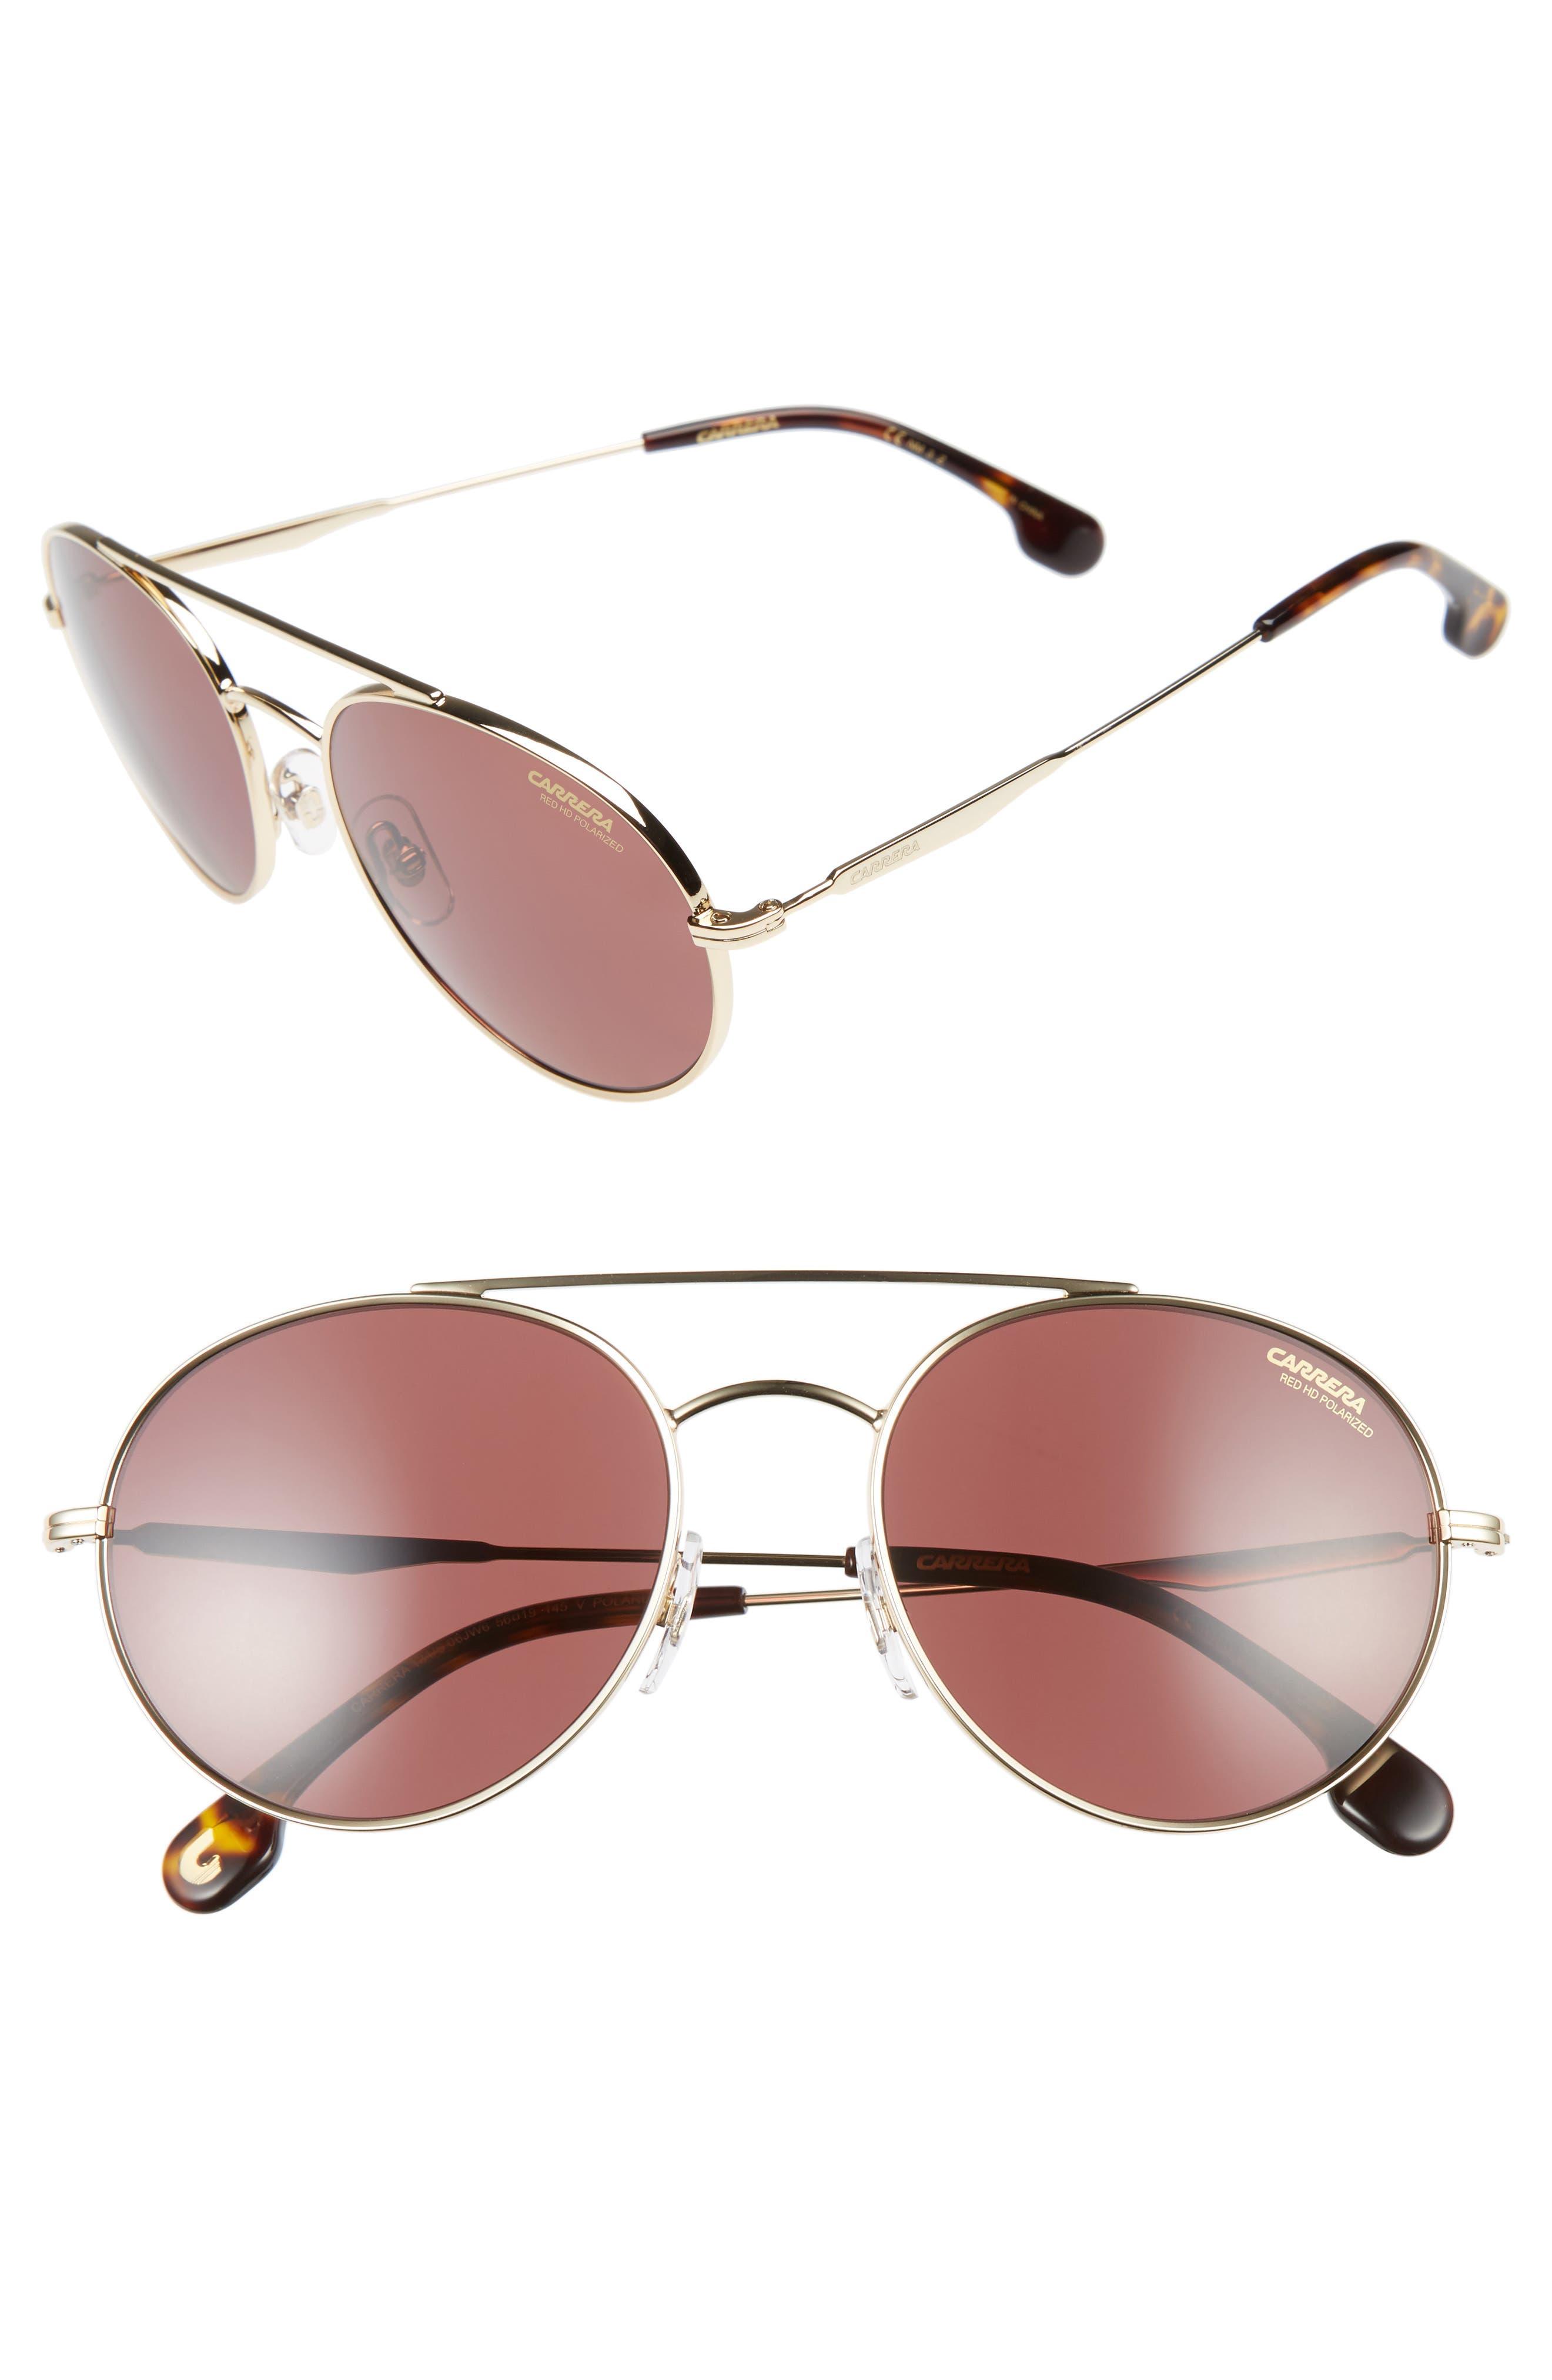 Alternate Image 1 Selected - Carrera Eyewear 59mm Polarized Sunglasses